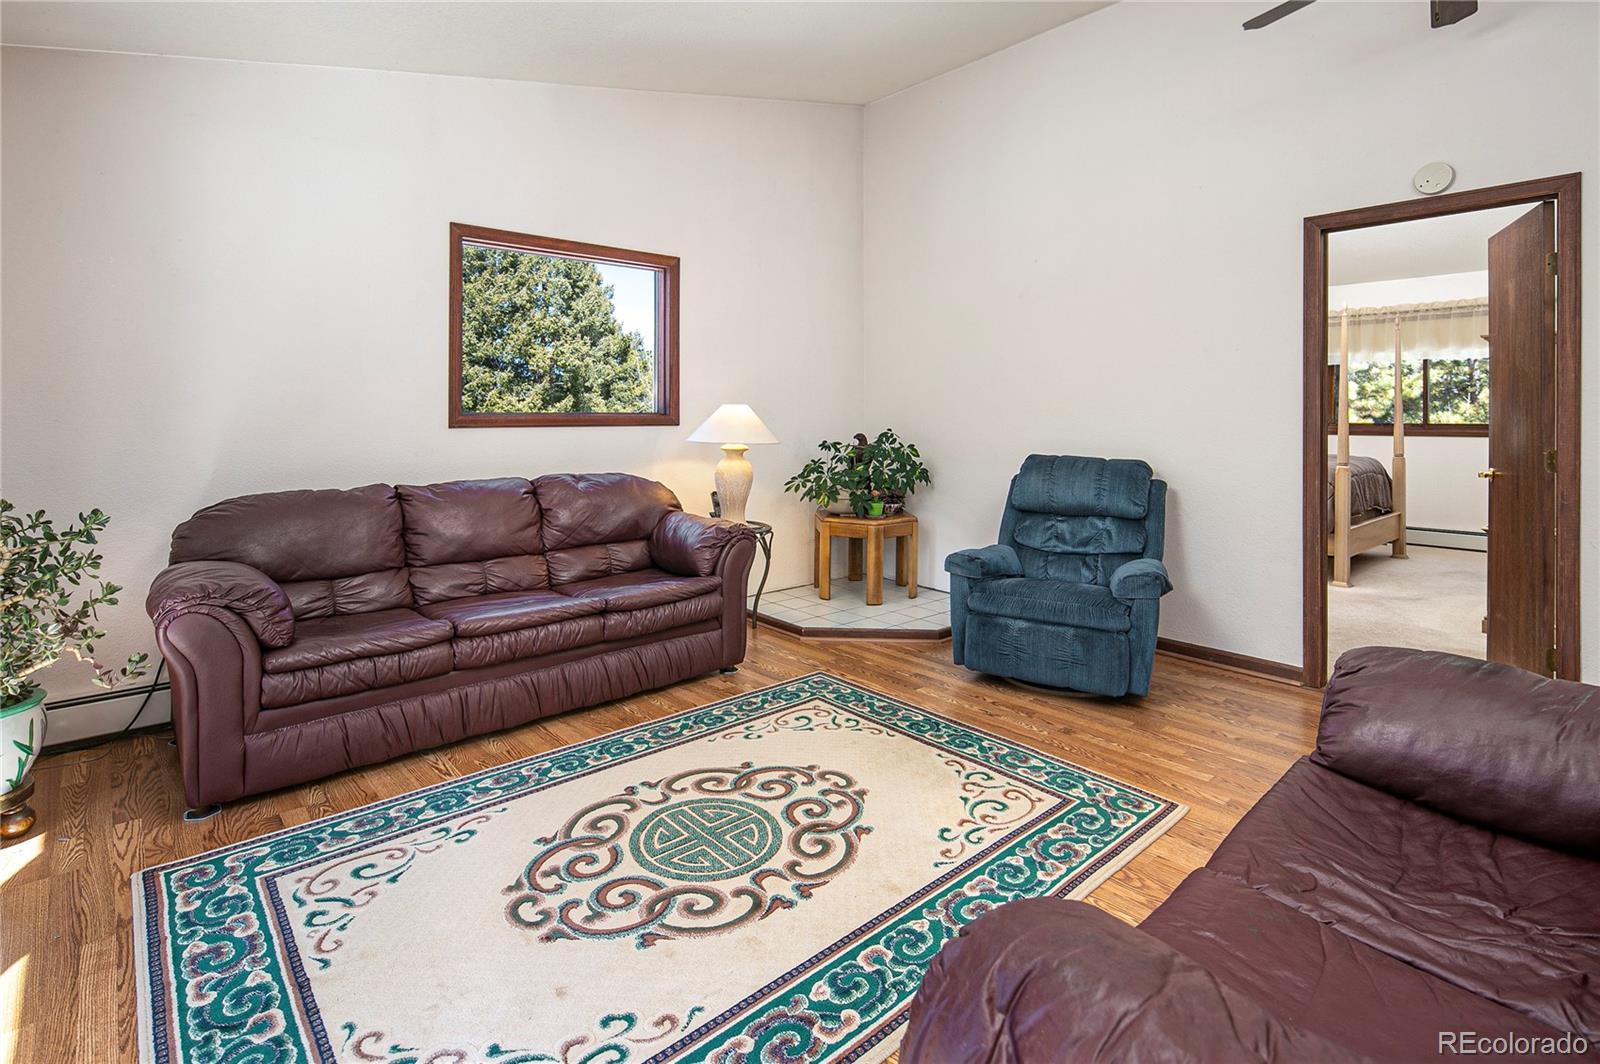 MLS# 3744542 - 19 - 13281 Callae Drive, Conifer, CO 80433